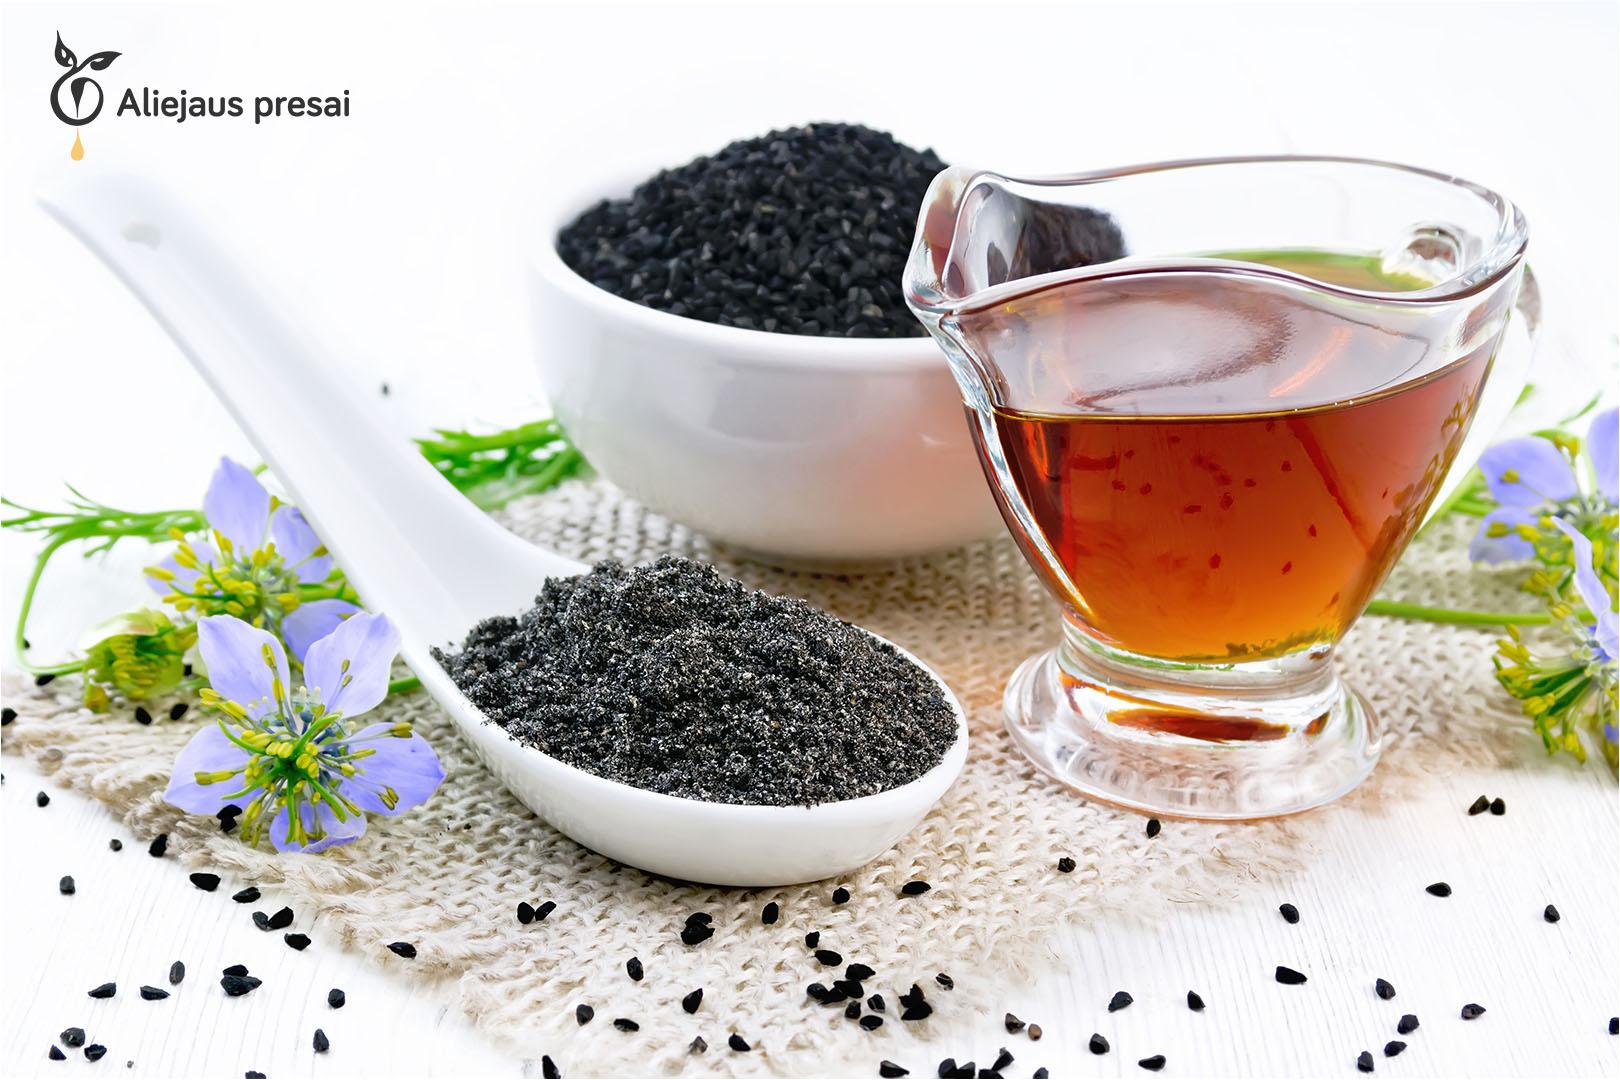 Šviežiai spaustas natūralus juodgrūdės sėklų aliejus